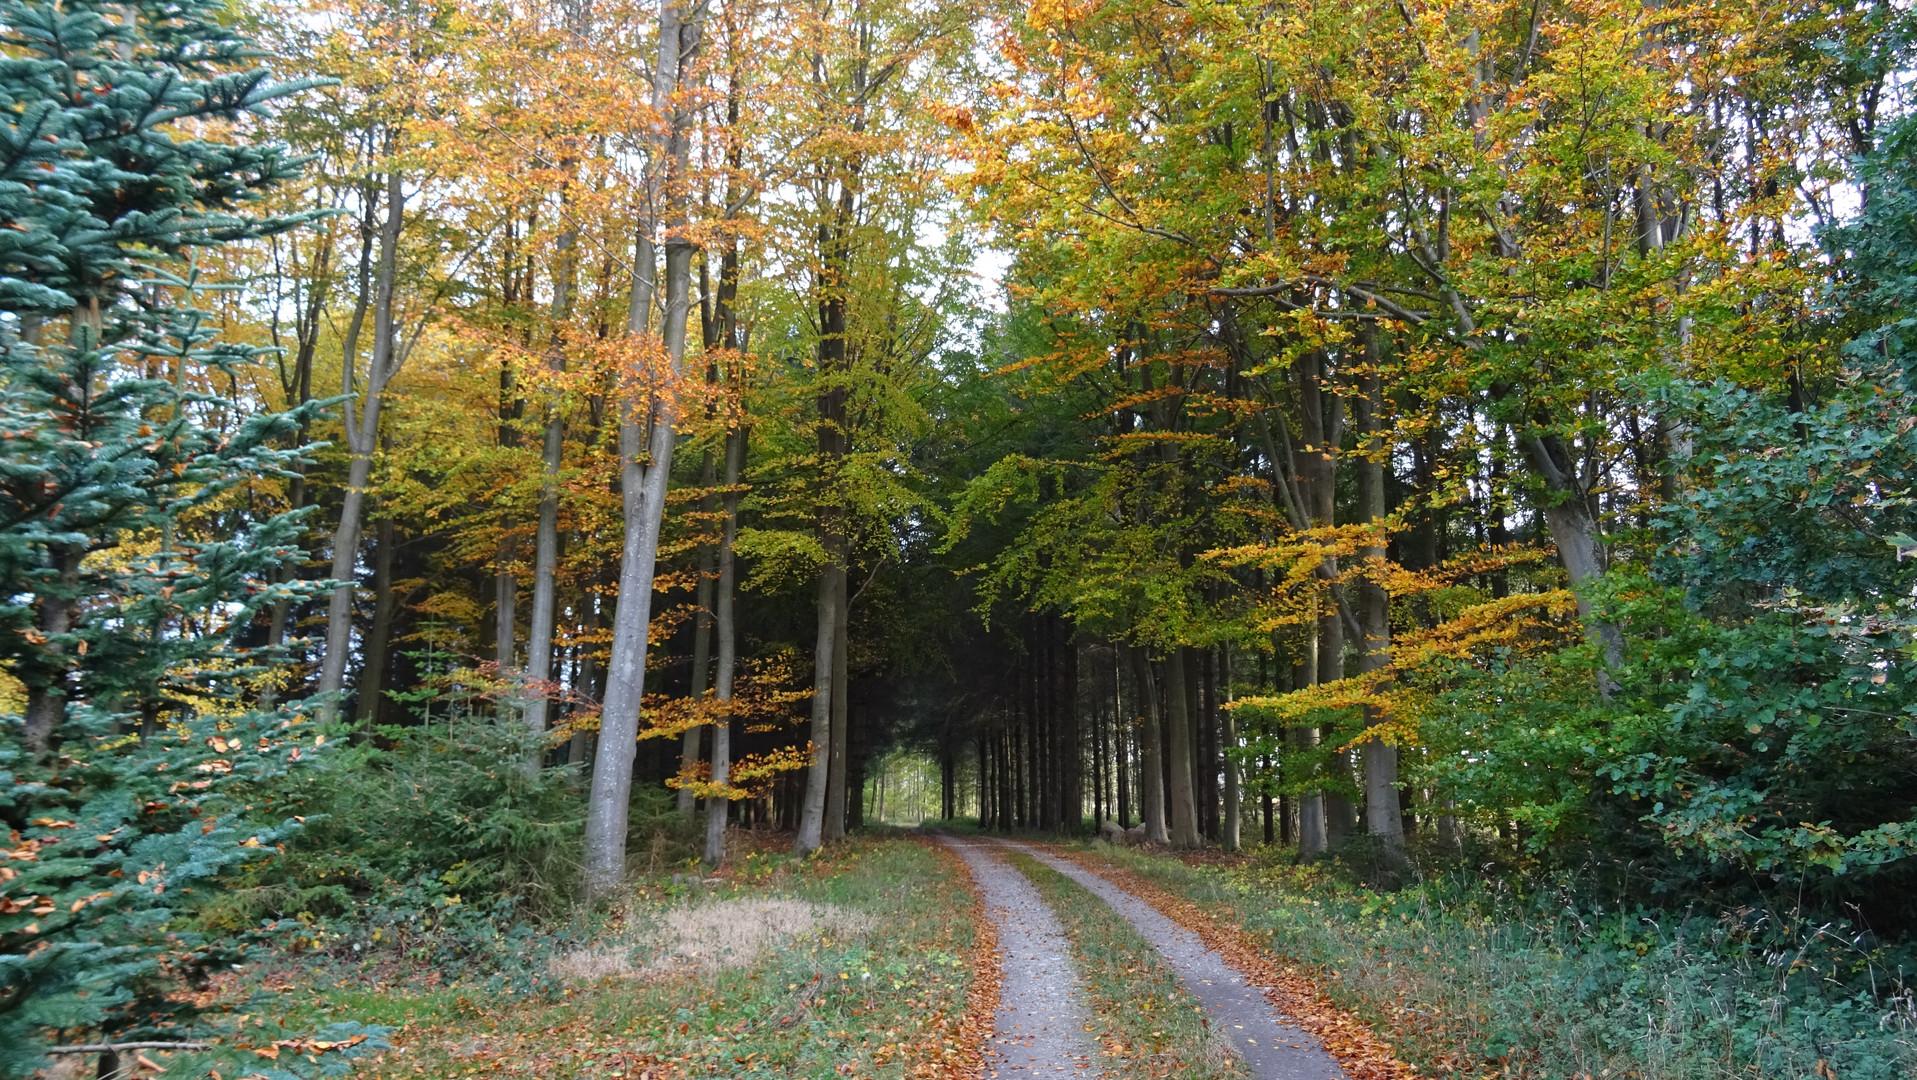 Kajbjerg skoven, Fyn, Denmark